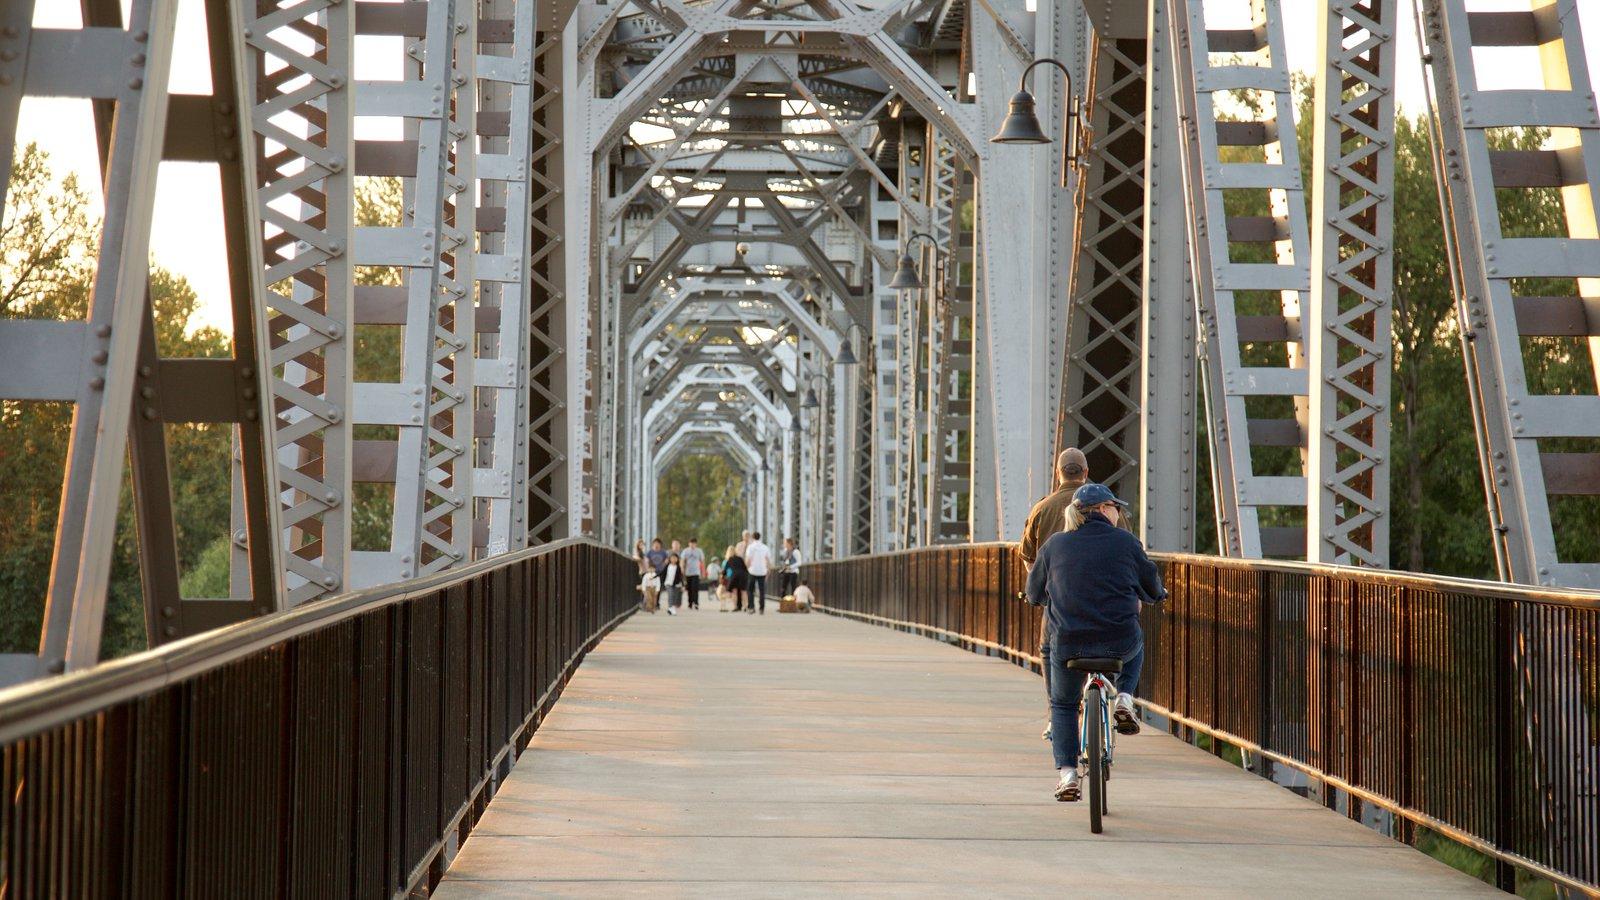 Salem caracterizando ciclismo e uma ponte